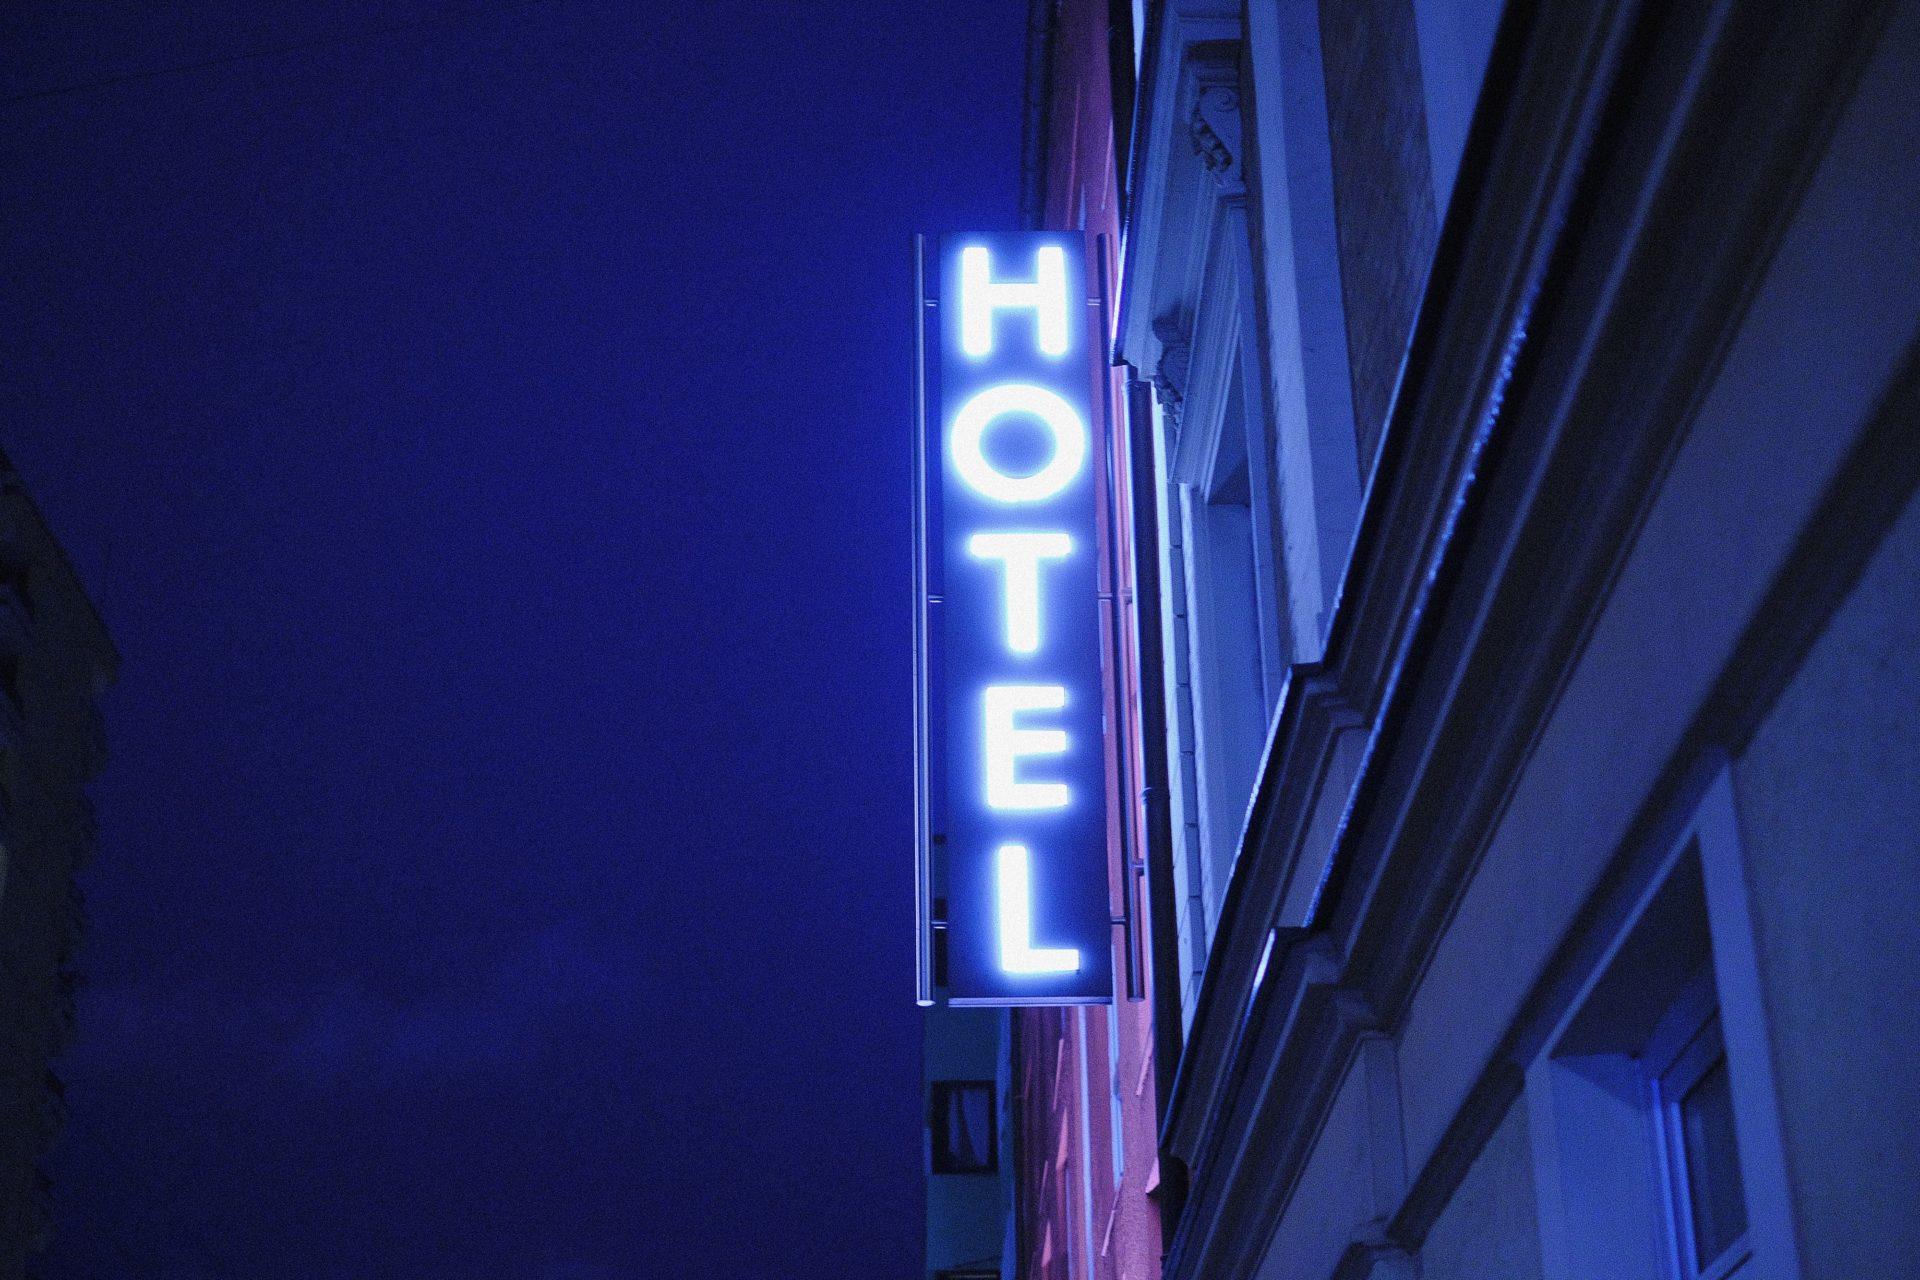 デート先から近いホテルを把握しておく